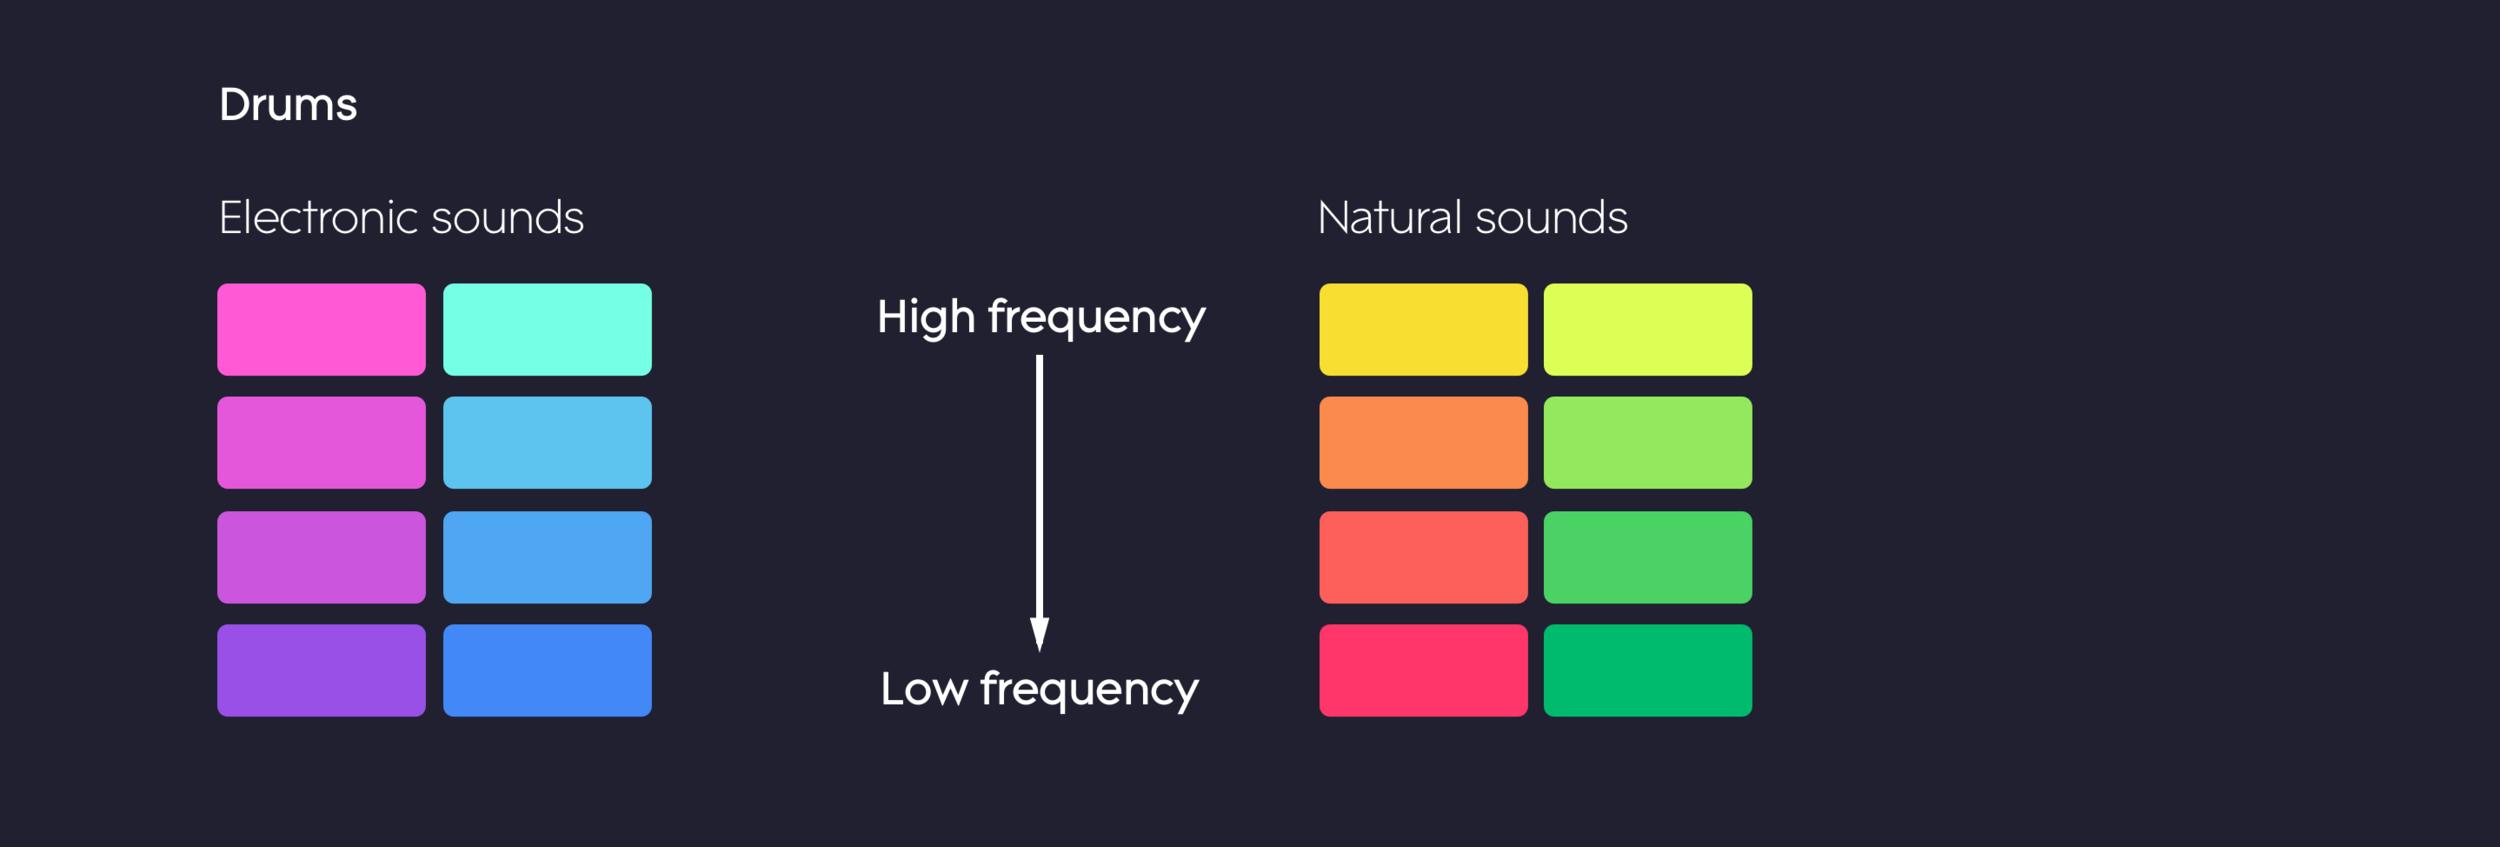 Create_colour-drum-colour-logic.png